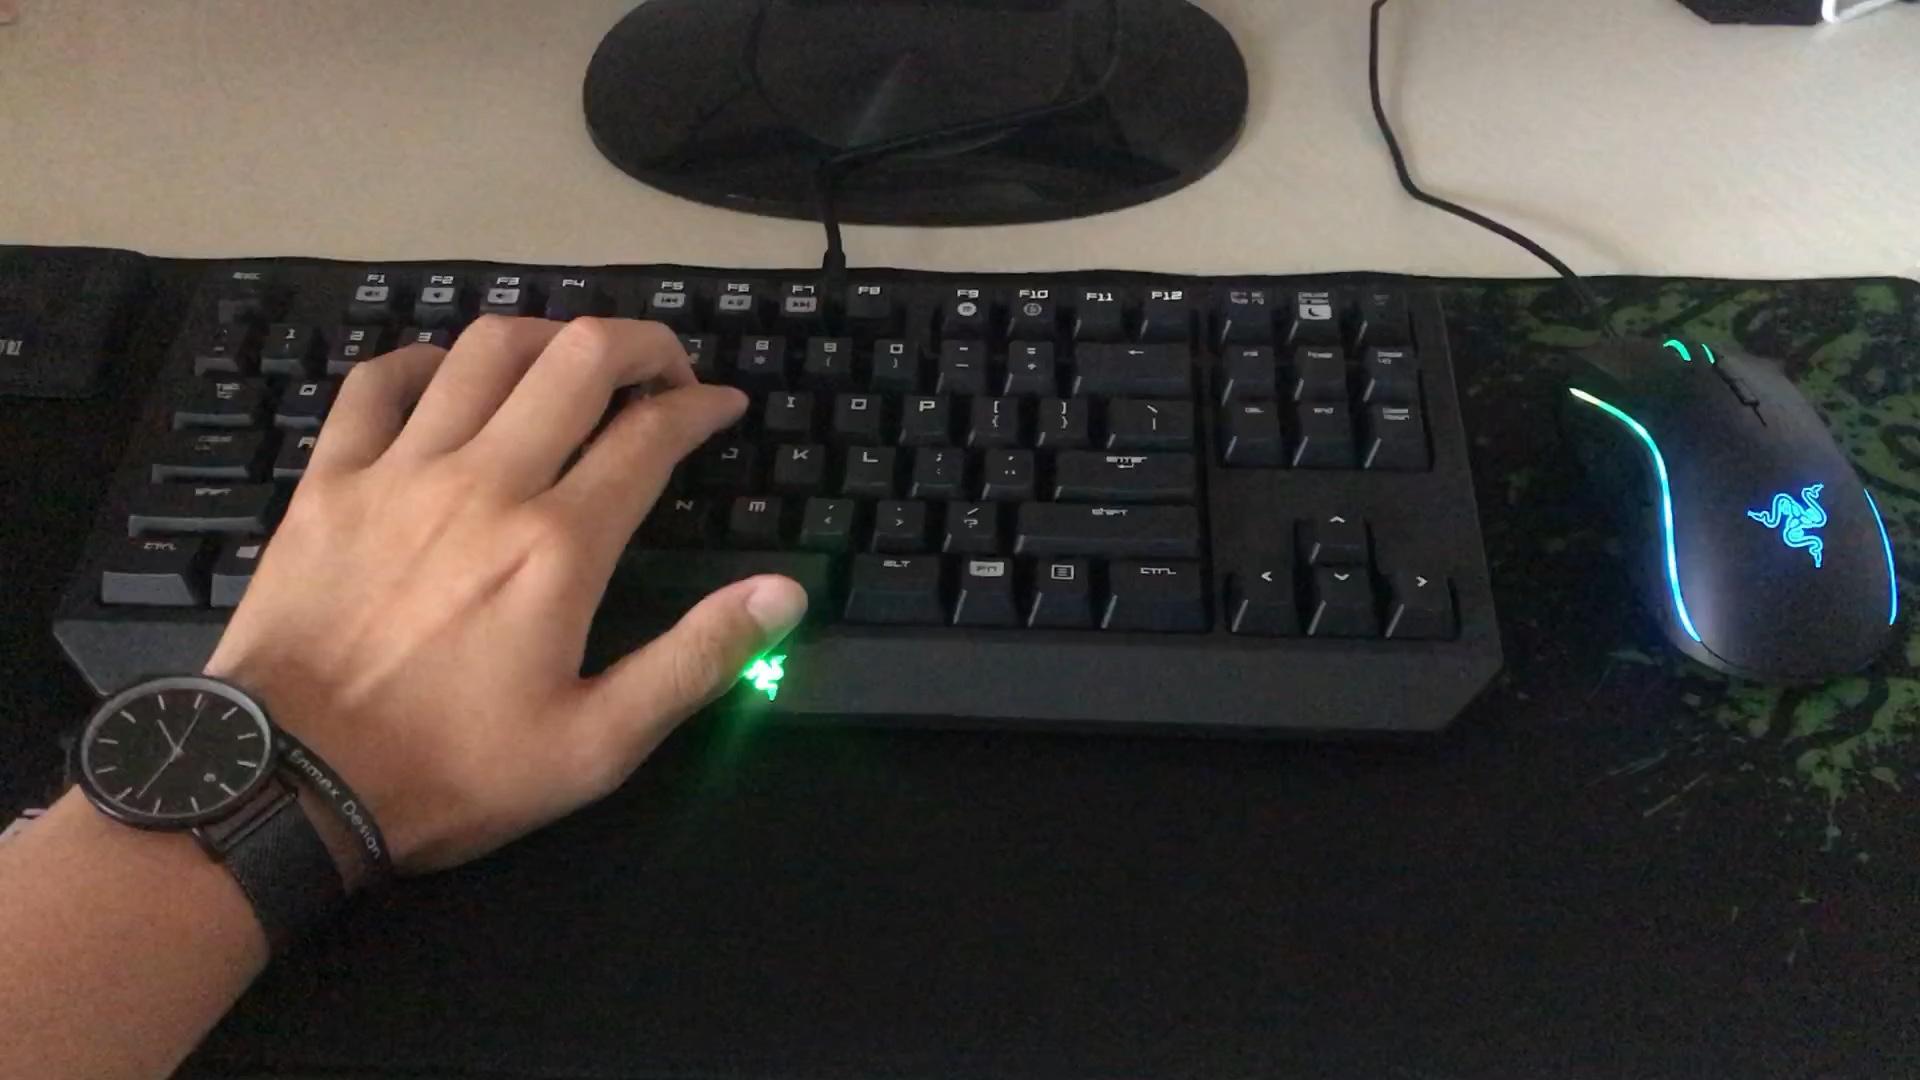 黑轴机械键盘声音_机械键盘 雷蛇87绿轴声音_哔哩哔哩 (゜-゜)つロ 干杯~-bilibili